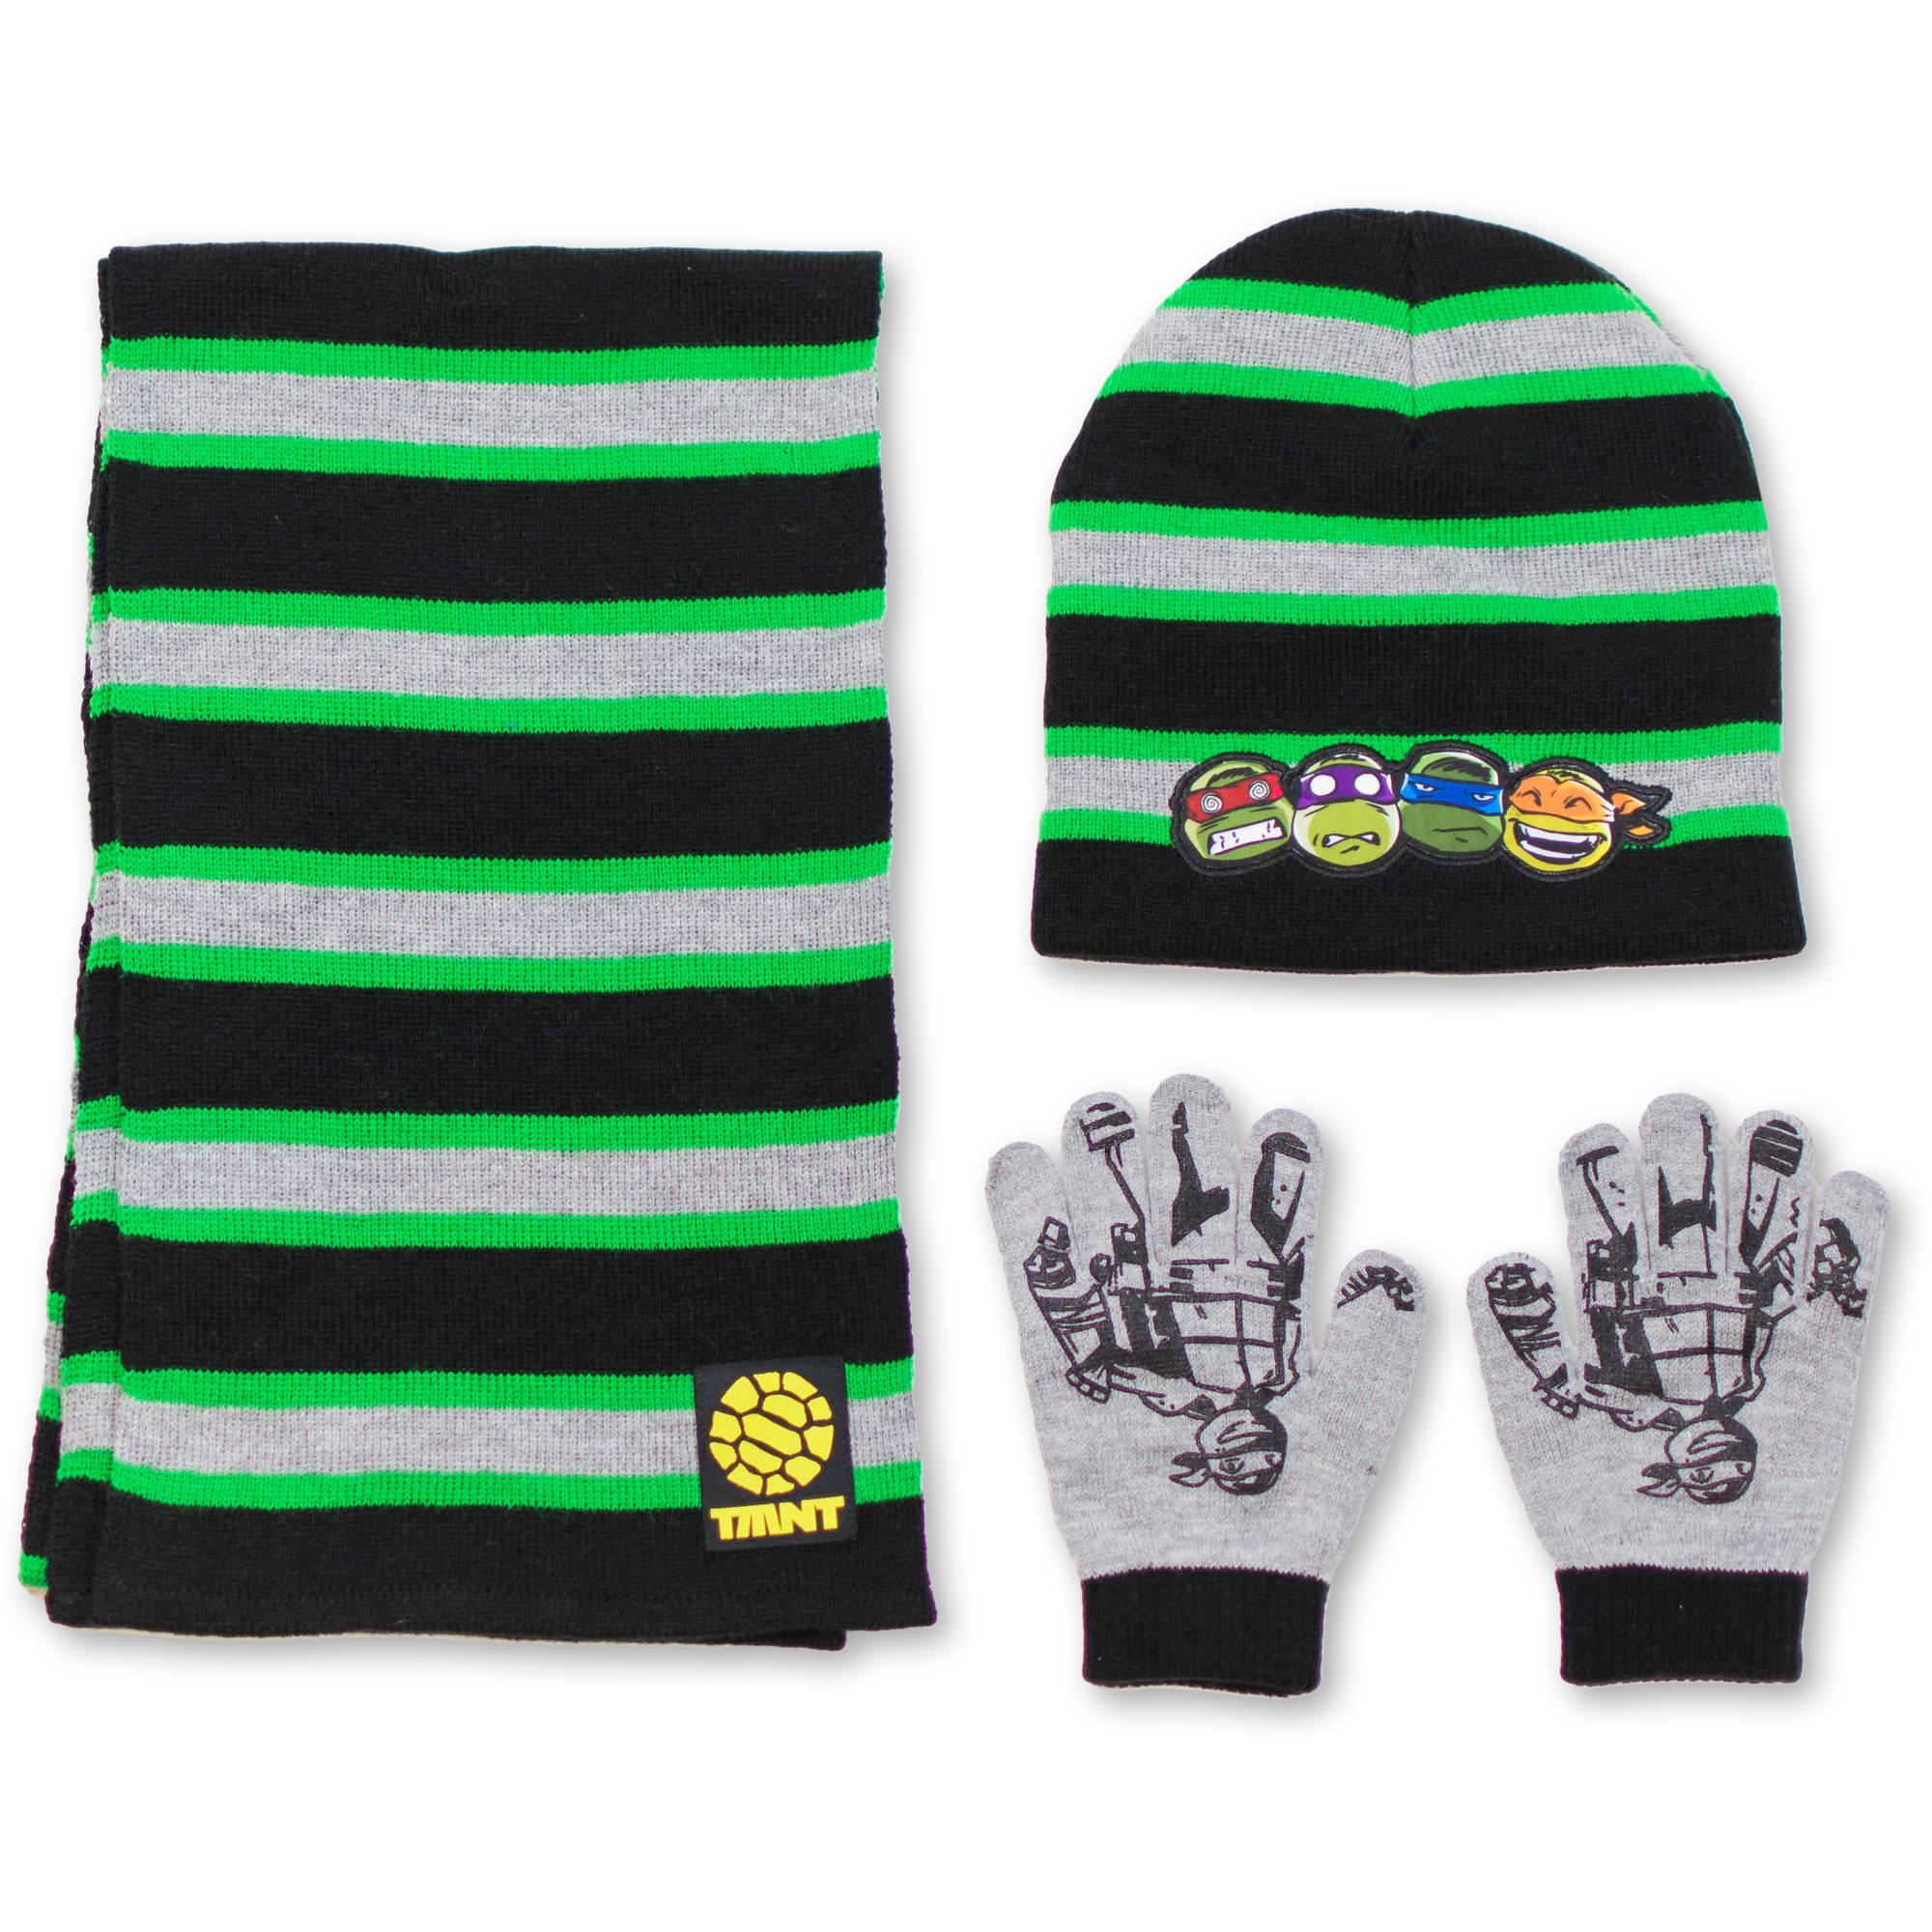 Teenage Mutant Ninja Turtles 3Pc Hat, Glove, Scarf Set